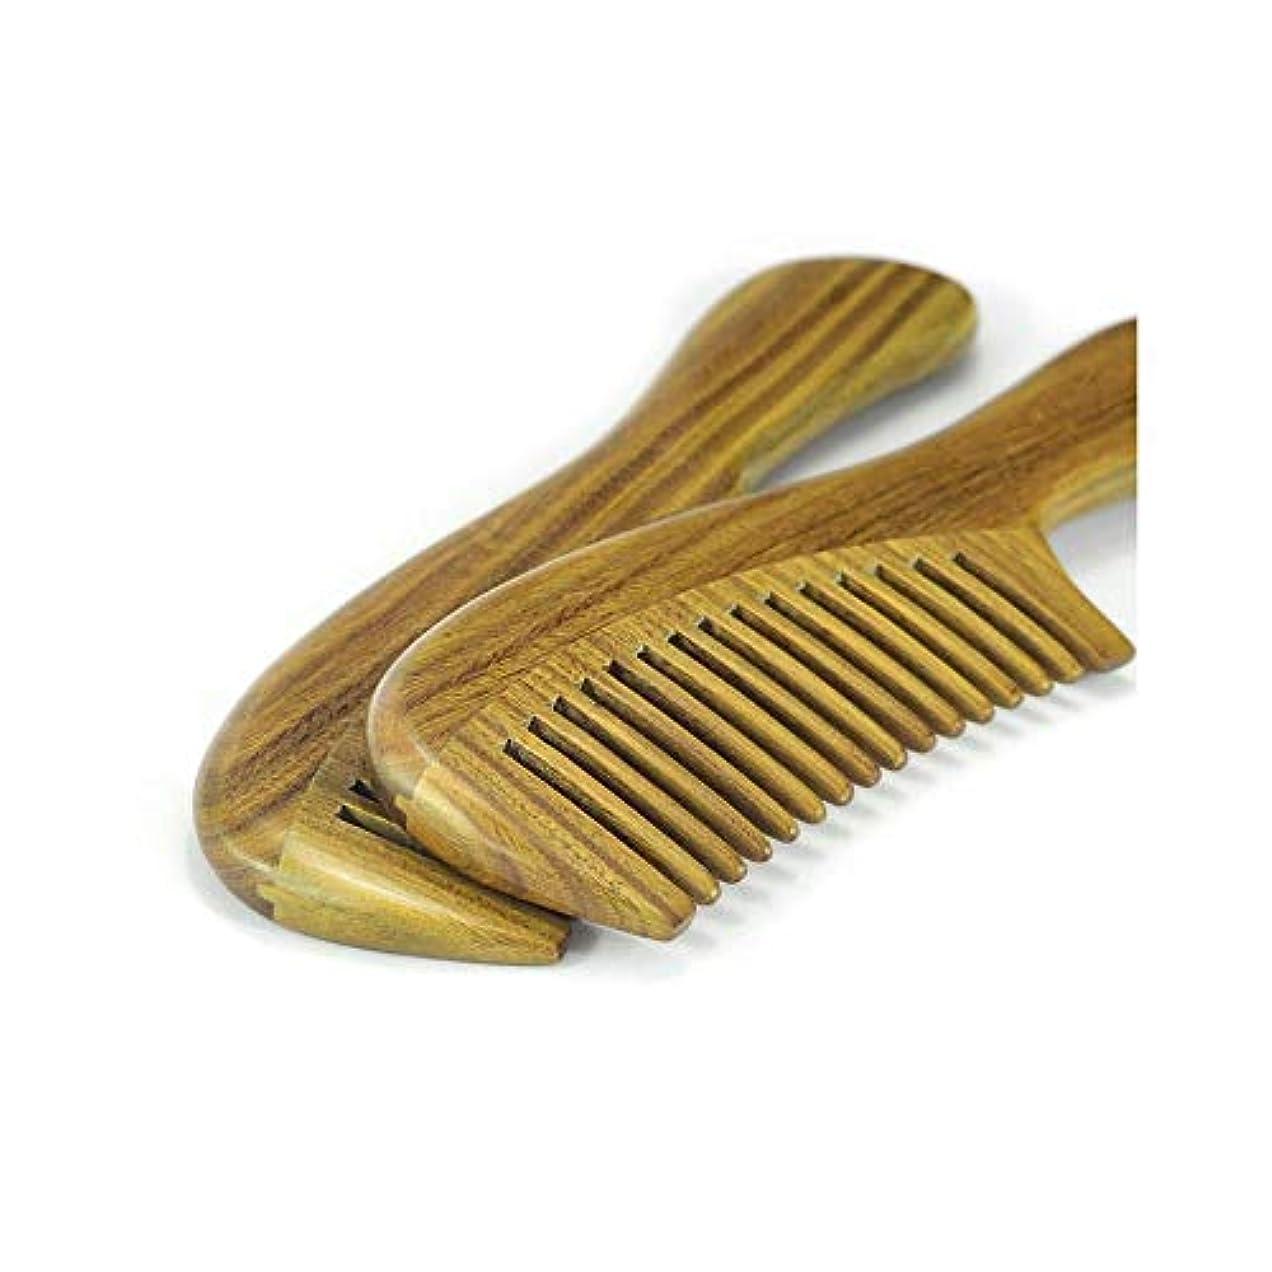 目を覚ます夕方タックルFashianナチュラルグリーンサンダルウッド木製のもつれ解除はありません静的ヘアコーム(標準歯形、20センチメートル) ヘアケア